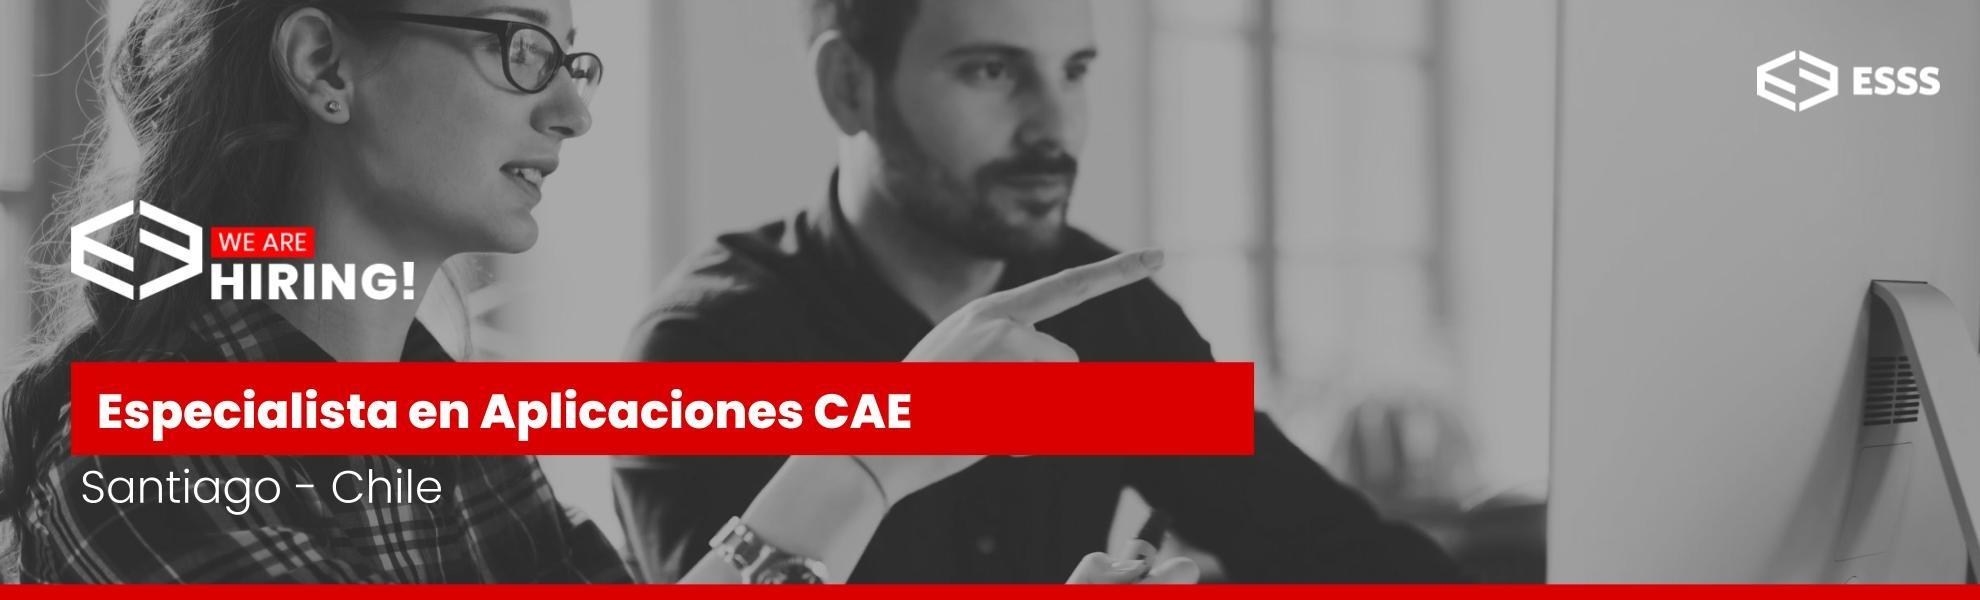 Especialista en Aplicaciones CAE - Chile